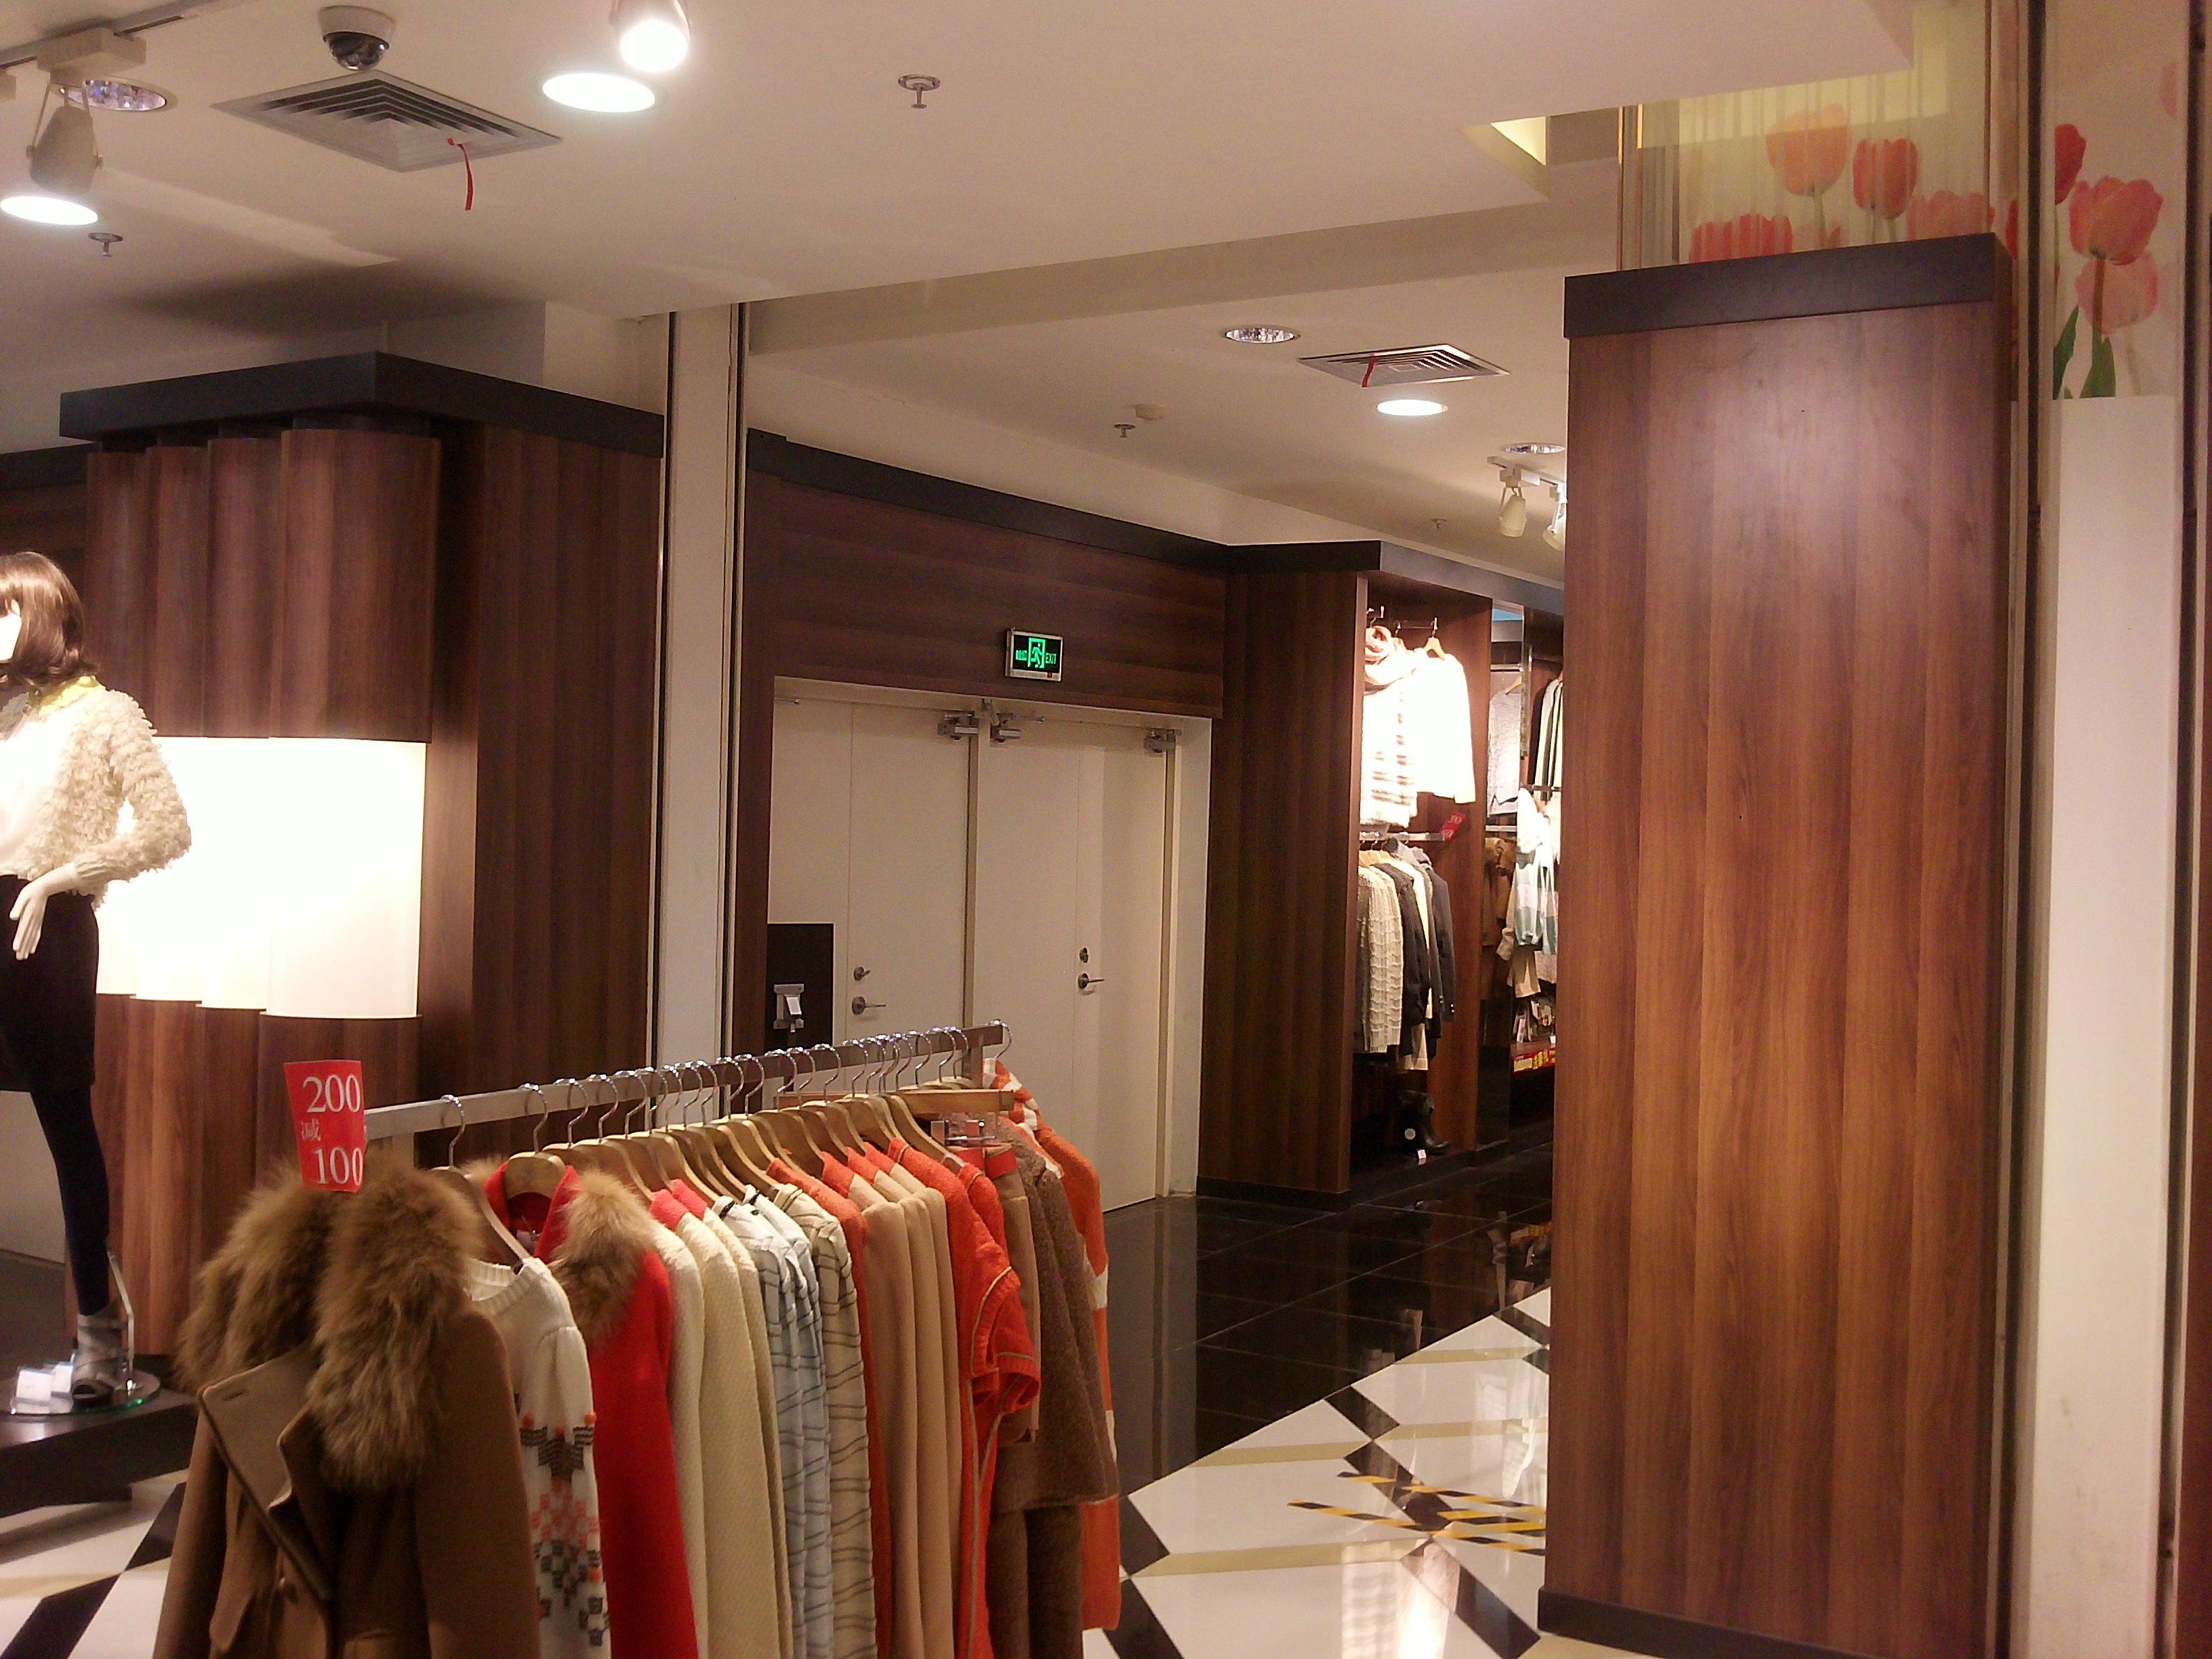 名称:西安香港新世界百货 面积;1000平米 使用产品:3M柔饰贴膜 颜色:黄色木纹 目的:遮挡白色墙面,使墙面更加有木质感同时防火